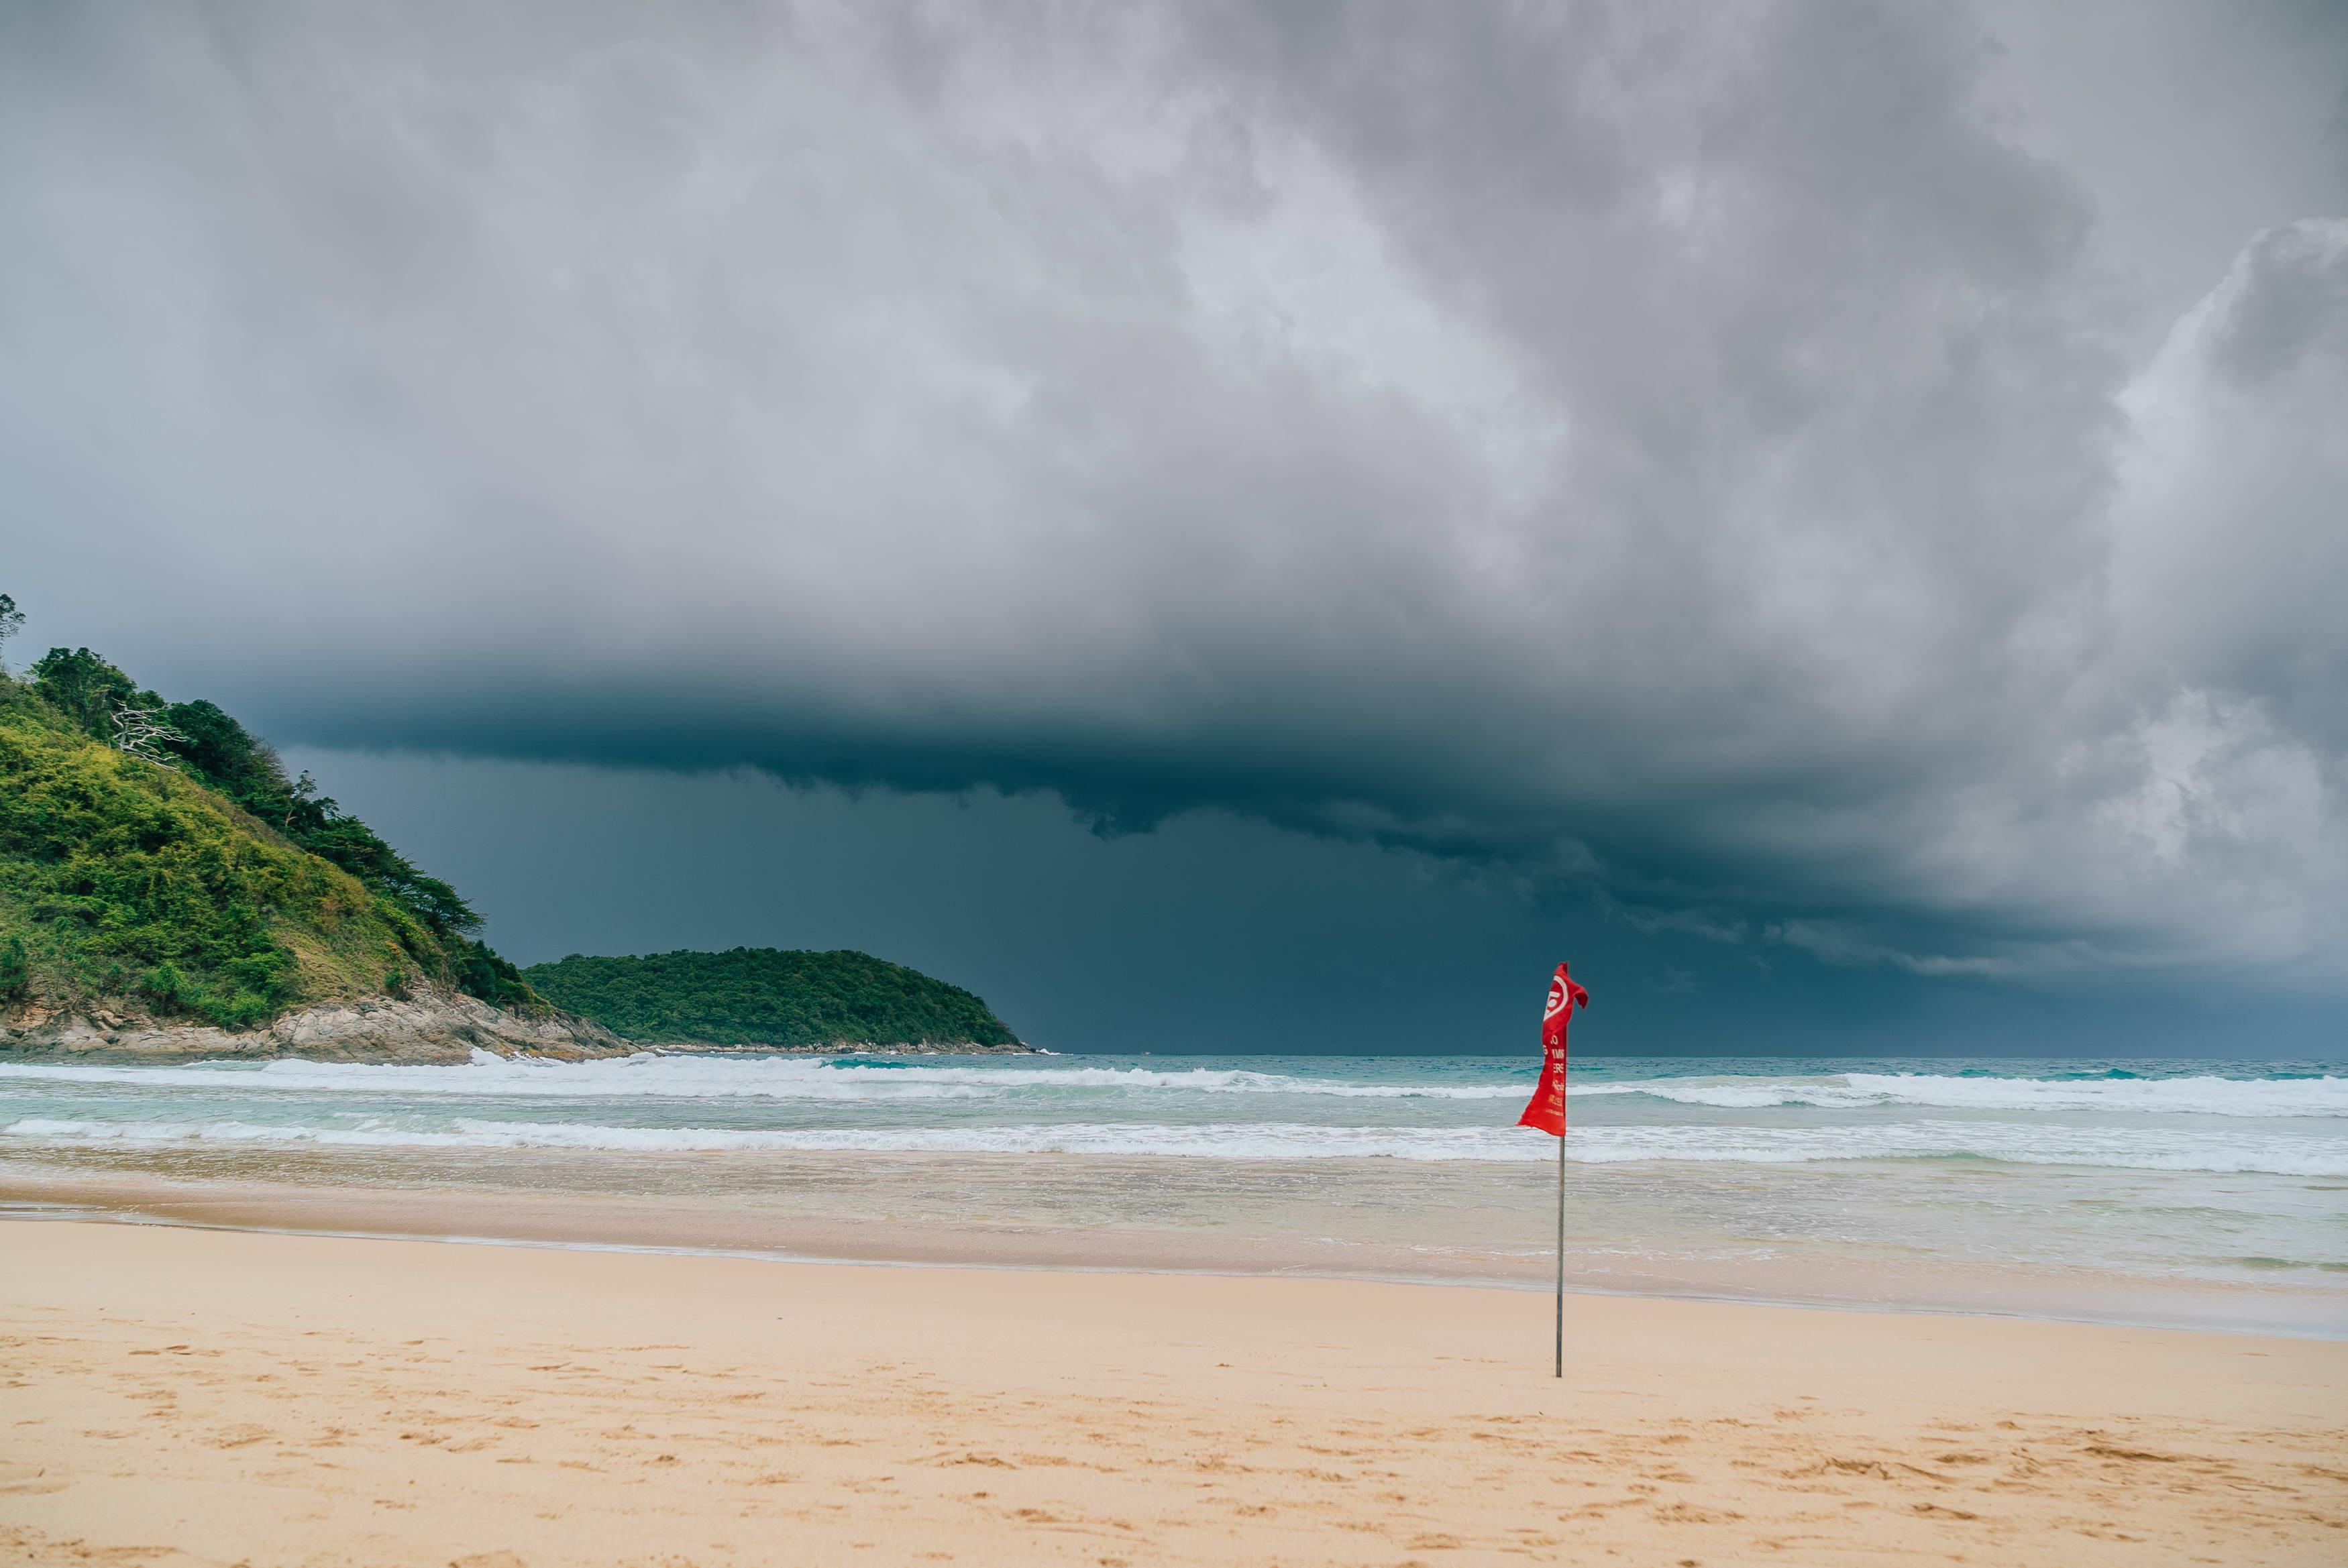 В ближайшие два дня погода на Пхукете не улучшится